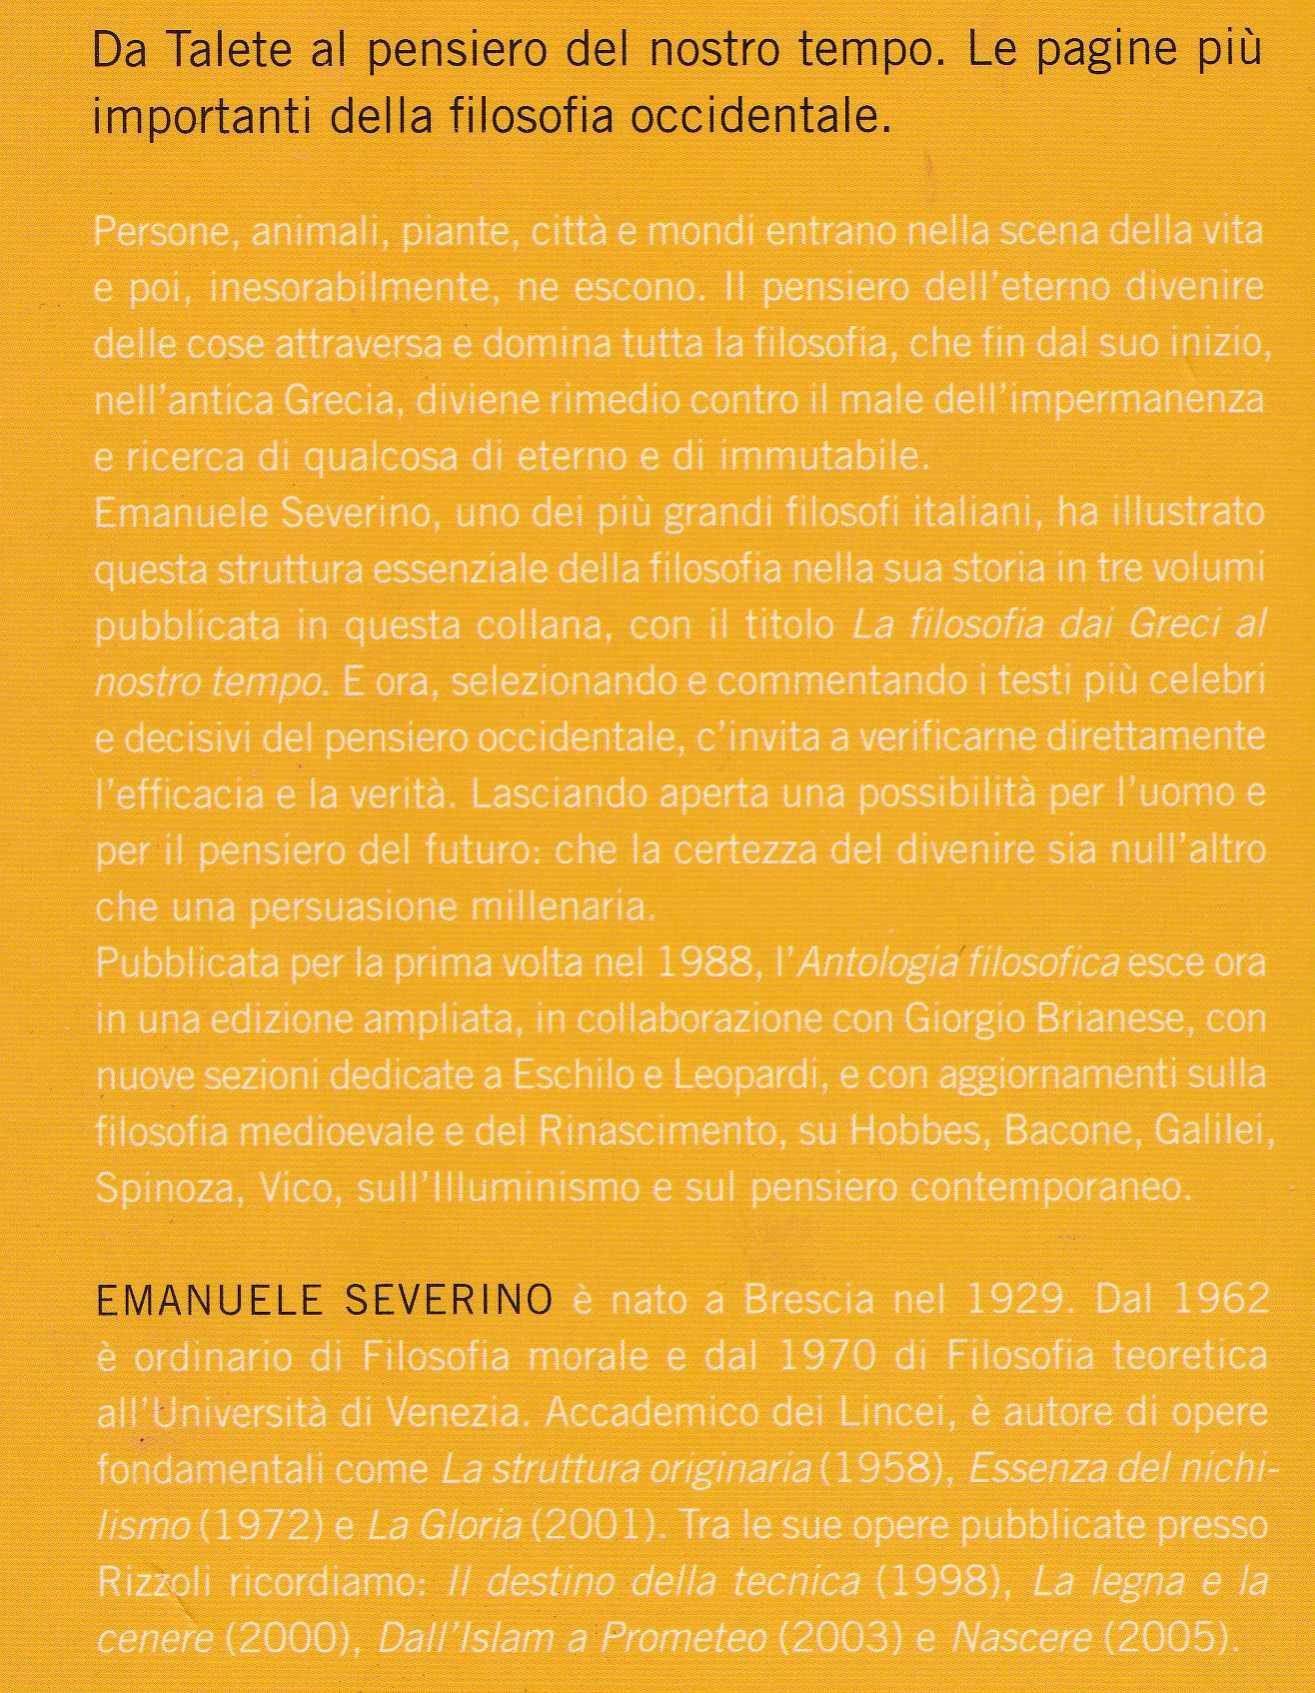 antlogia4634